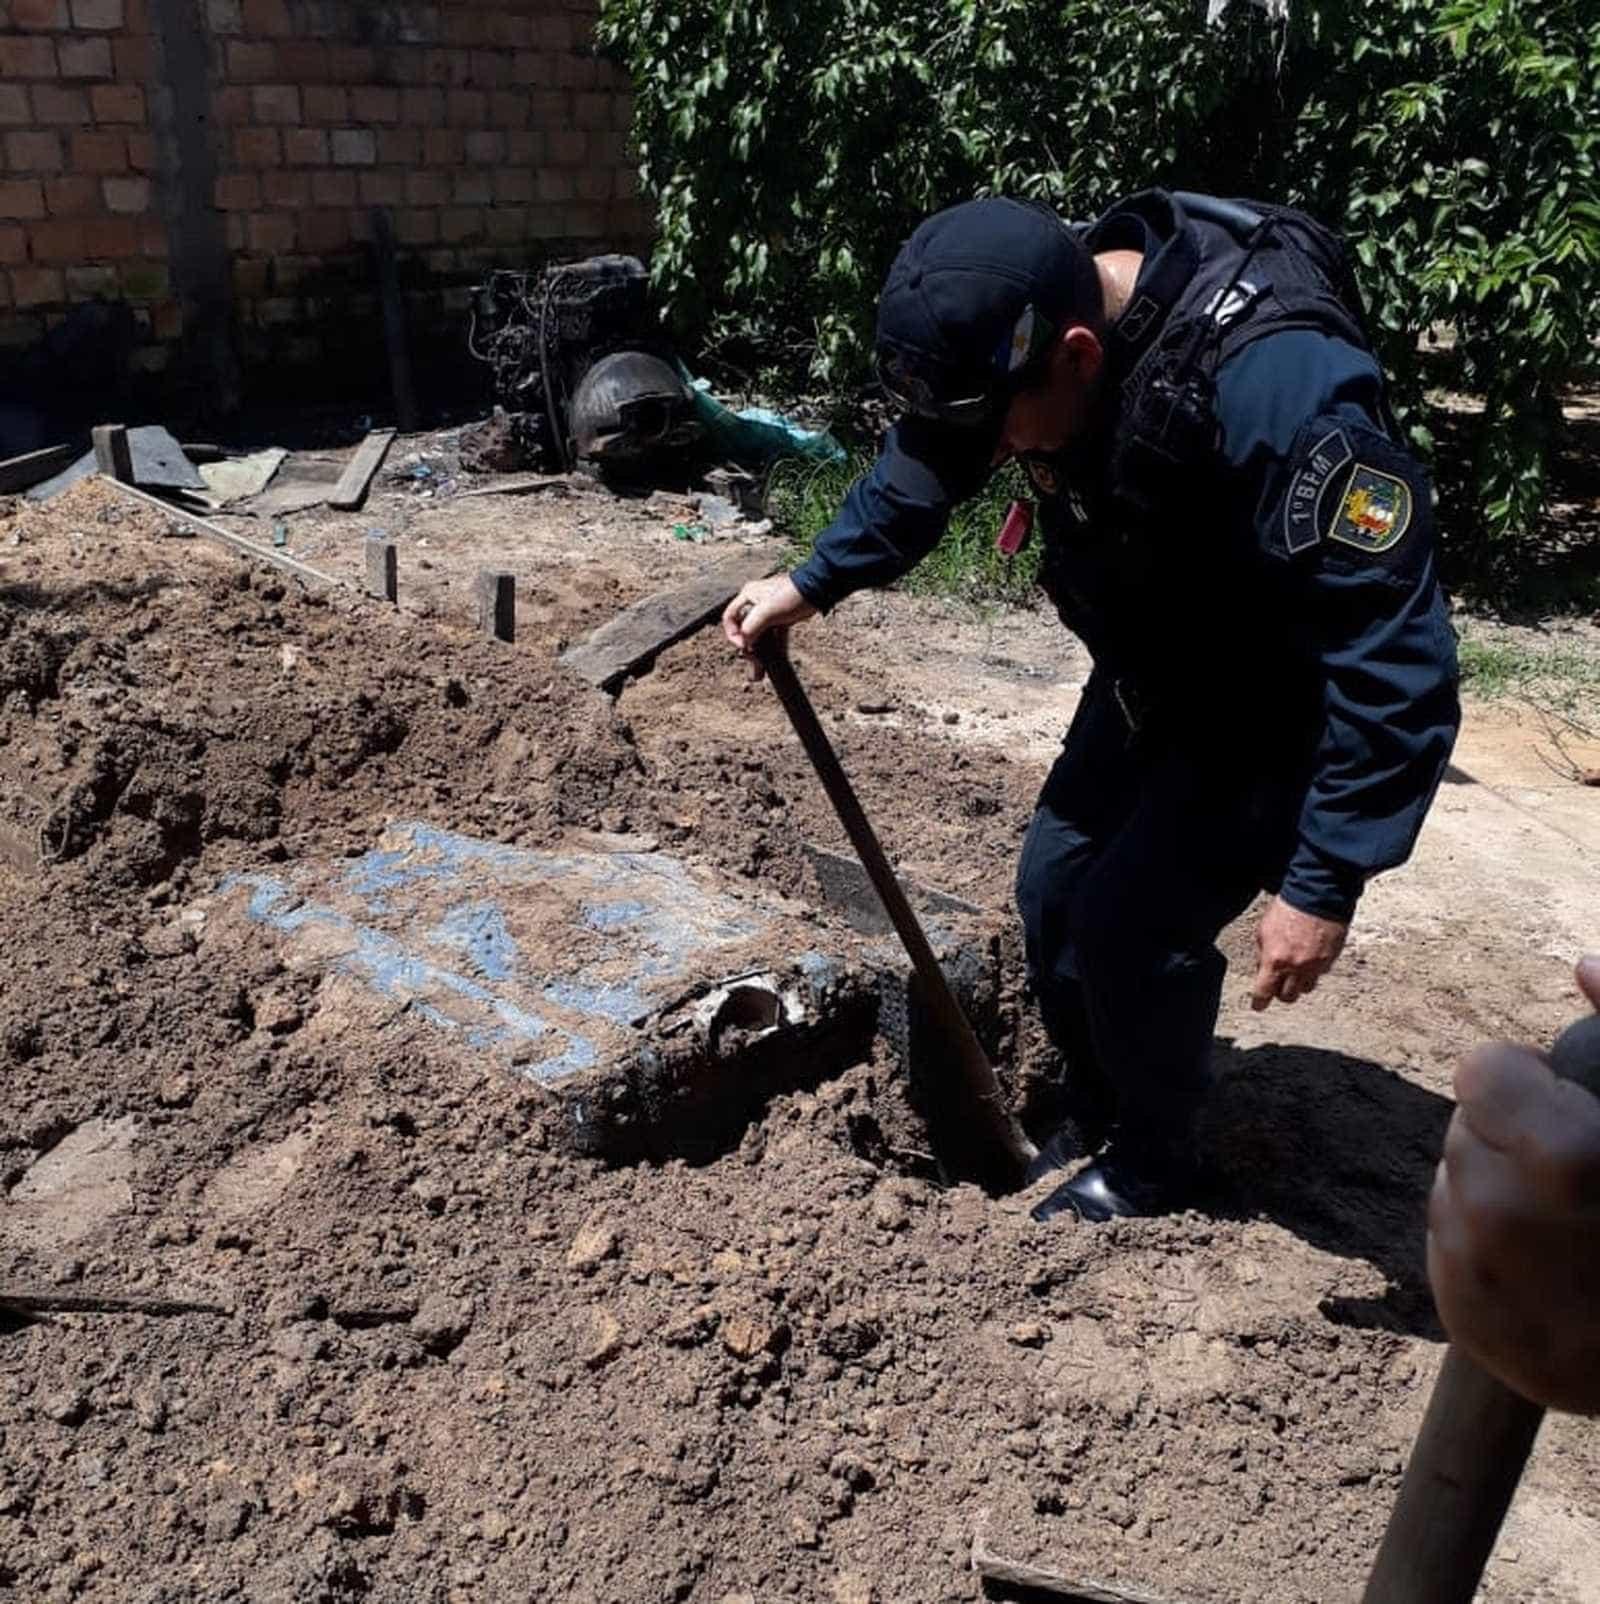 Polícia desenterra picape em quintal de casa de venezuelana em RR